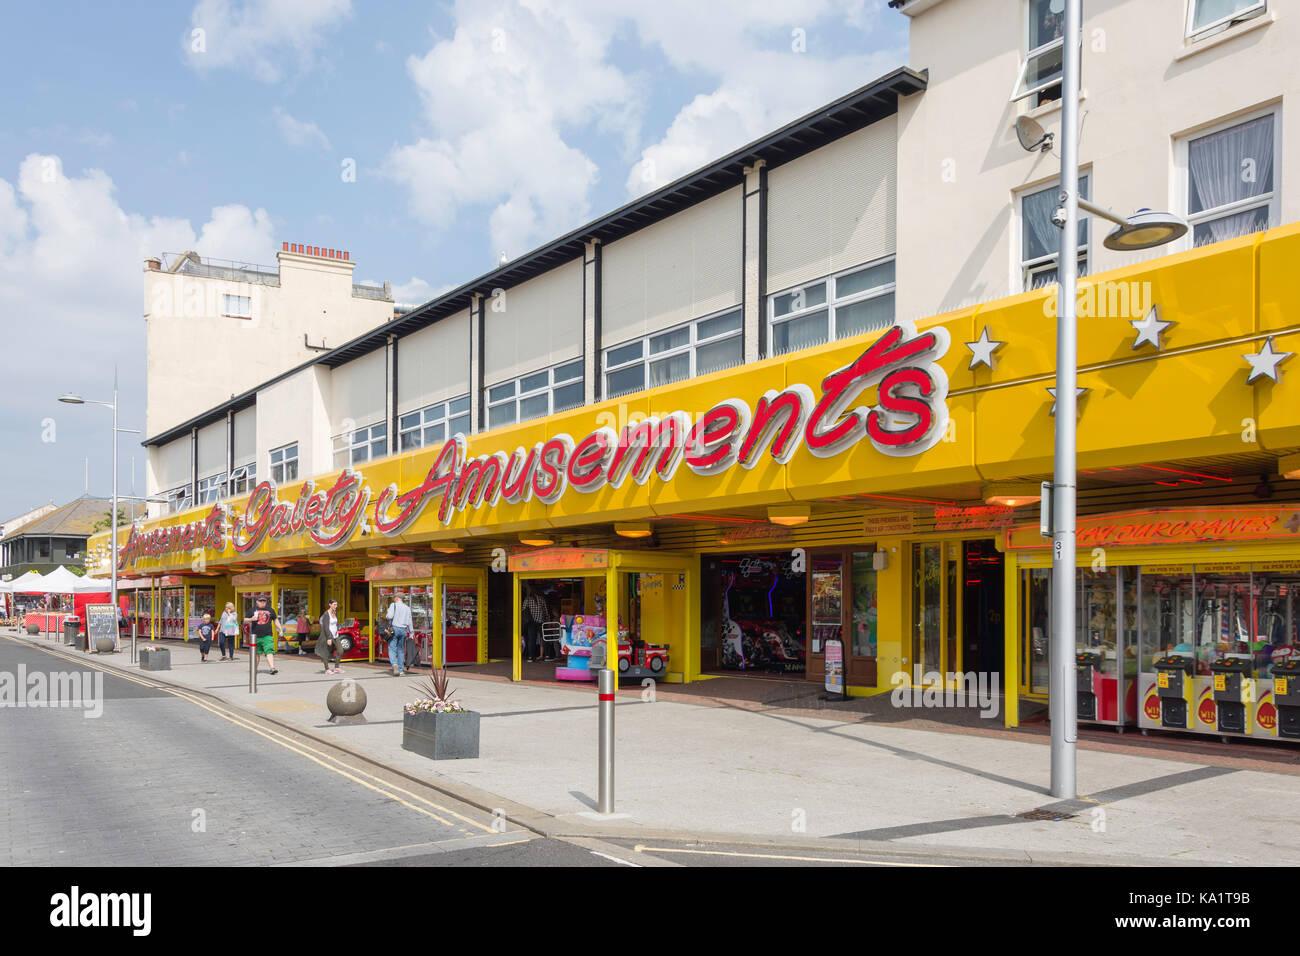 La gaieté de jeux électroniques, Pier Avenue, Clacton-on-Sea, Essex, Angleterre, Royaume-Uni Photo Stock